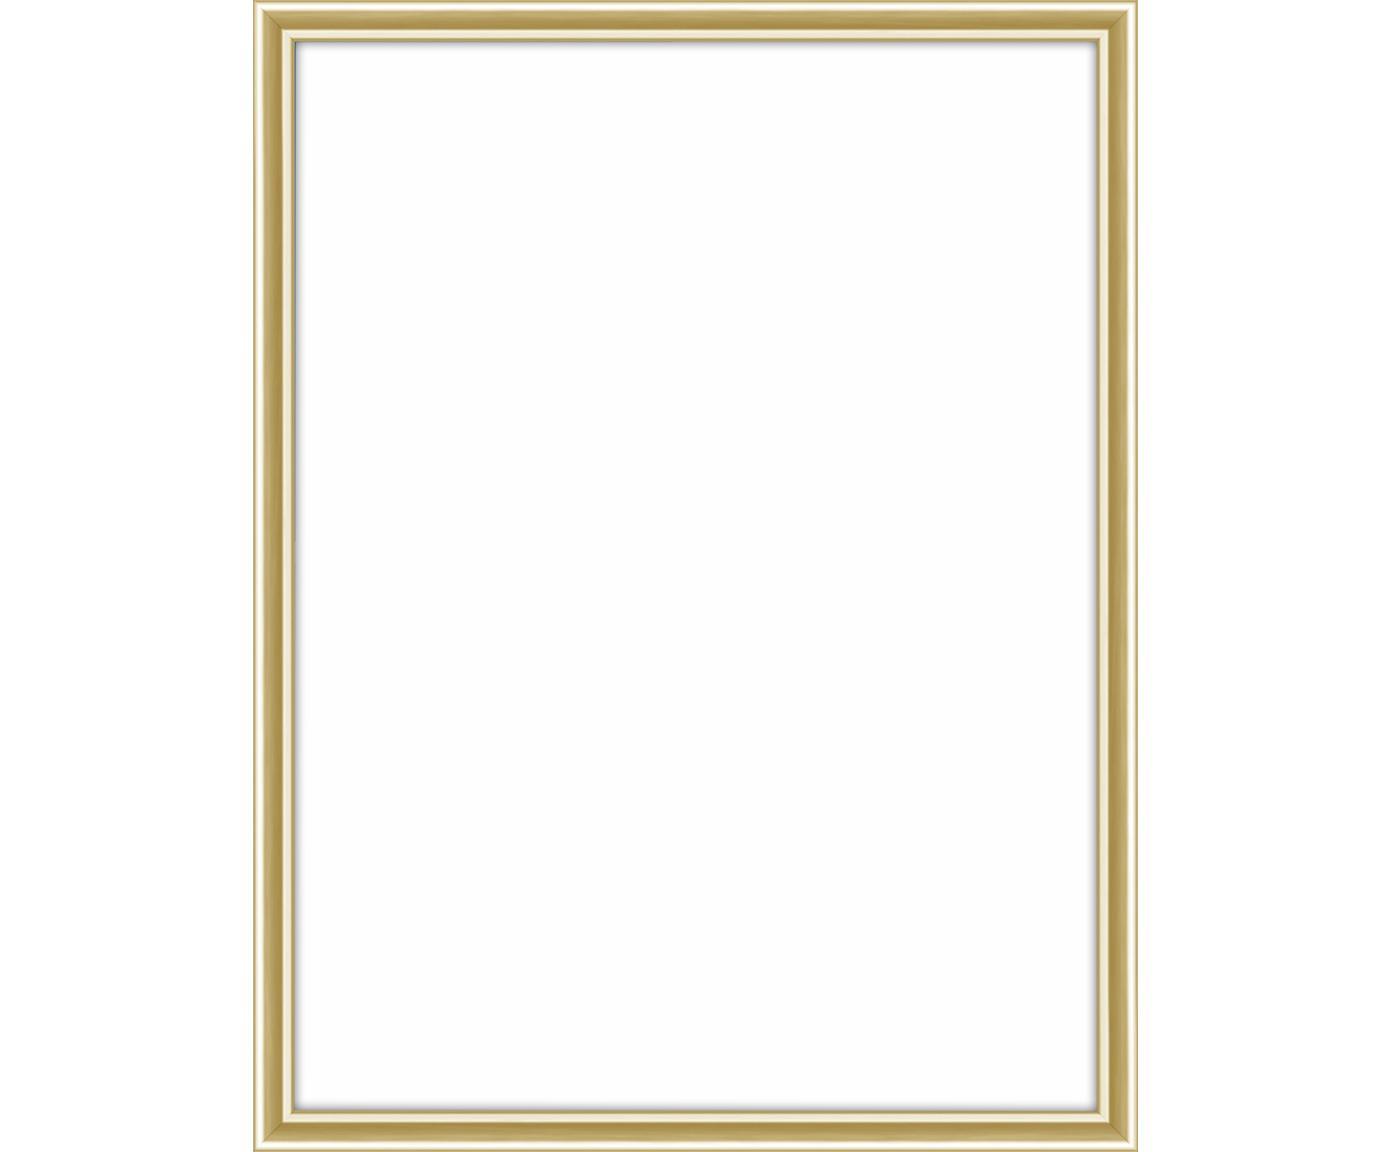 Bilderrahmen Accent, Rahmen: Aluminium, beschichtet, Front: Glas, Rückseite: Mitteldichte Holzfaserpla, Messingfarben, 15 x 20 cm